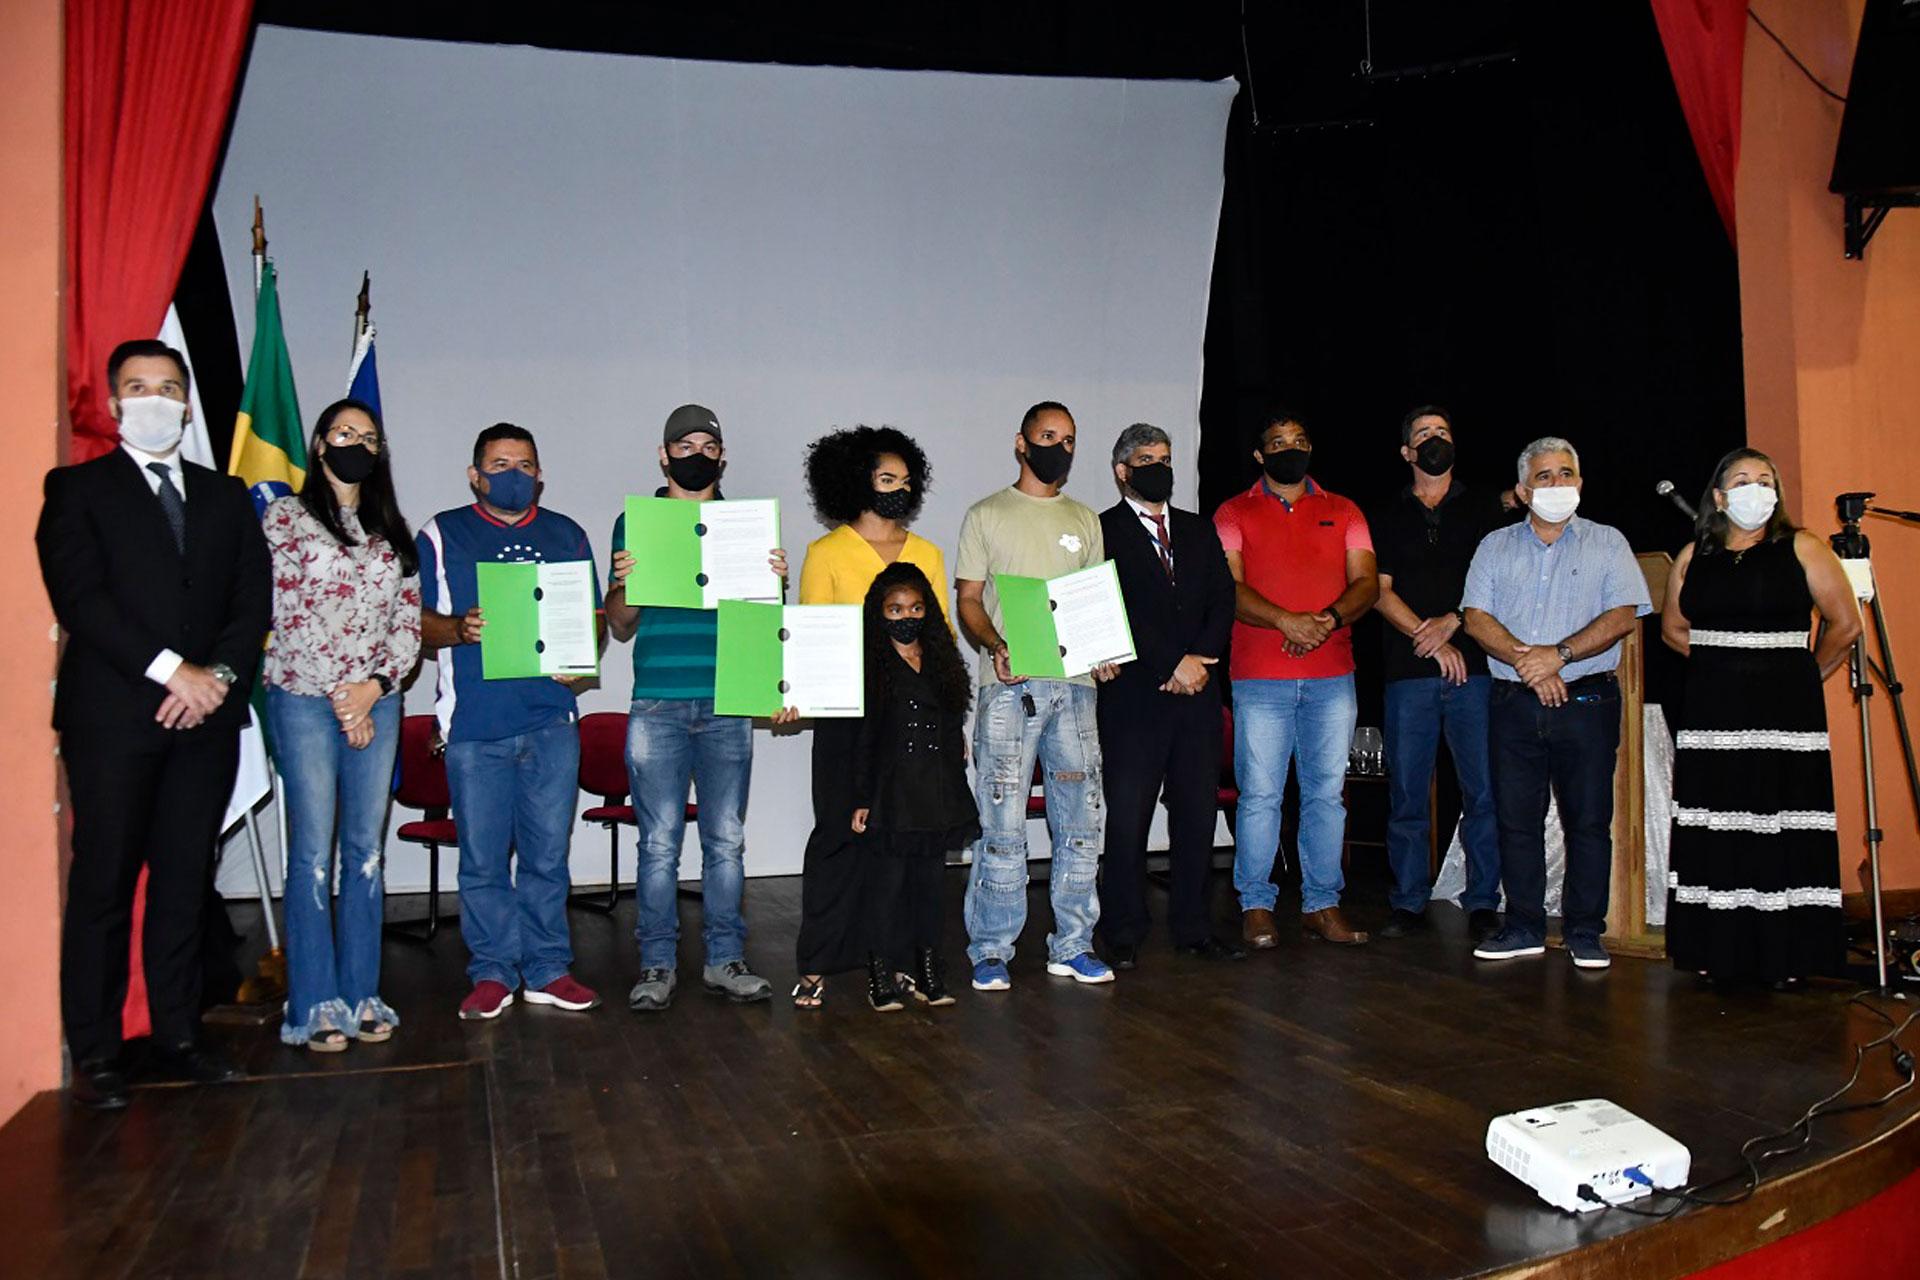 Cinco representantes do bairro receberam os certificados das maos das autoridades do municipio PMI